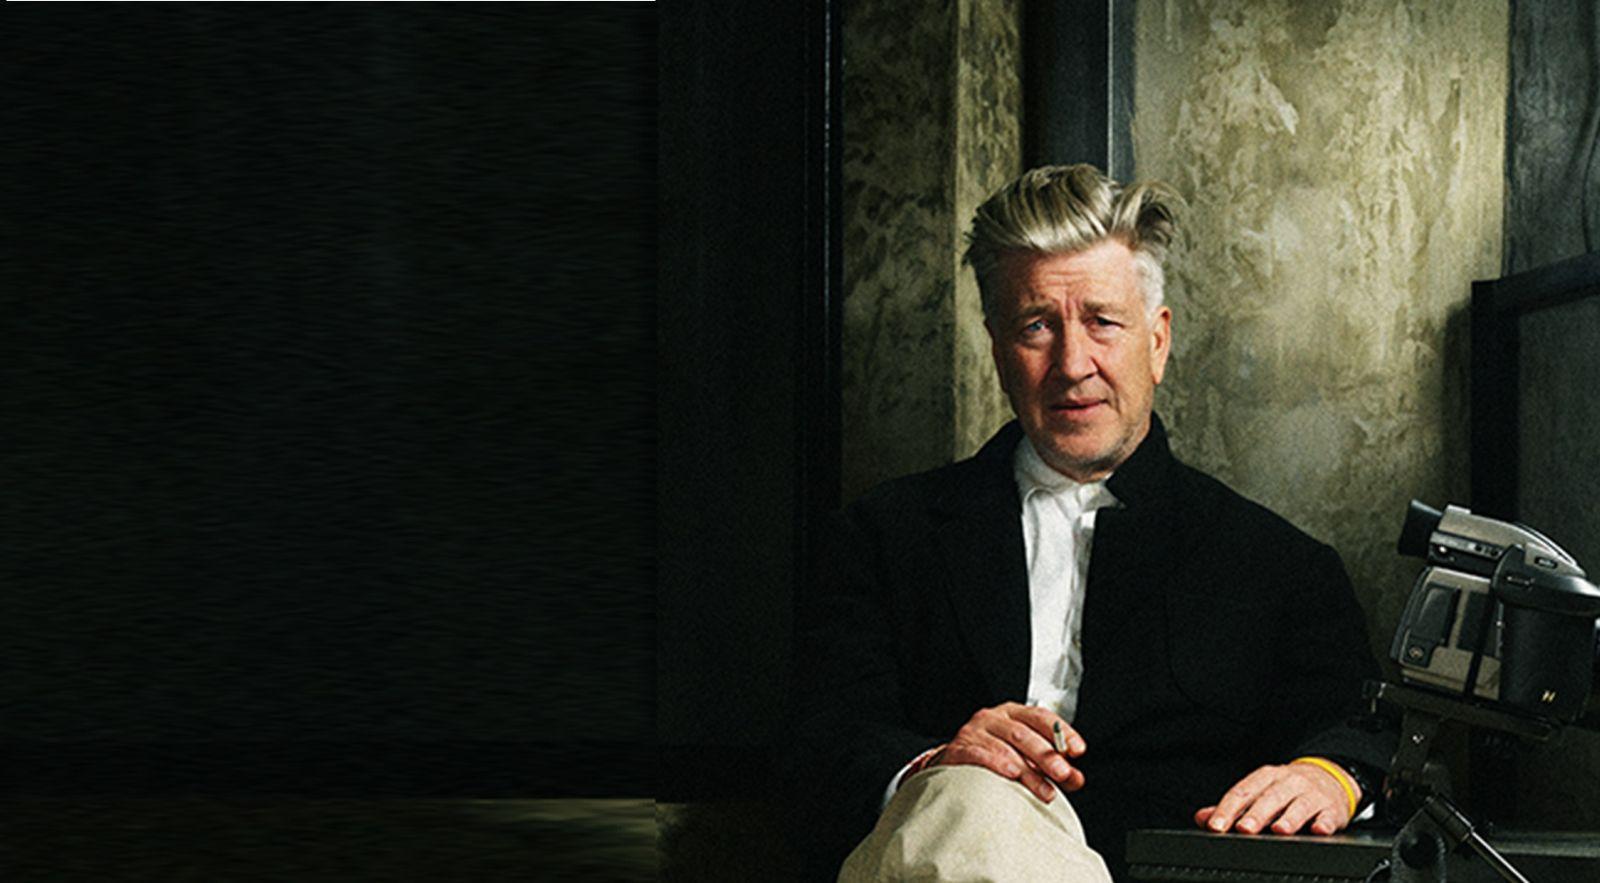 3-David Lynch Portrait Sitting